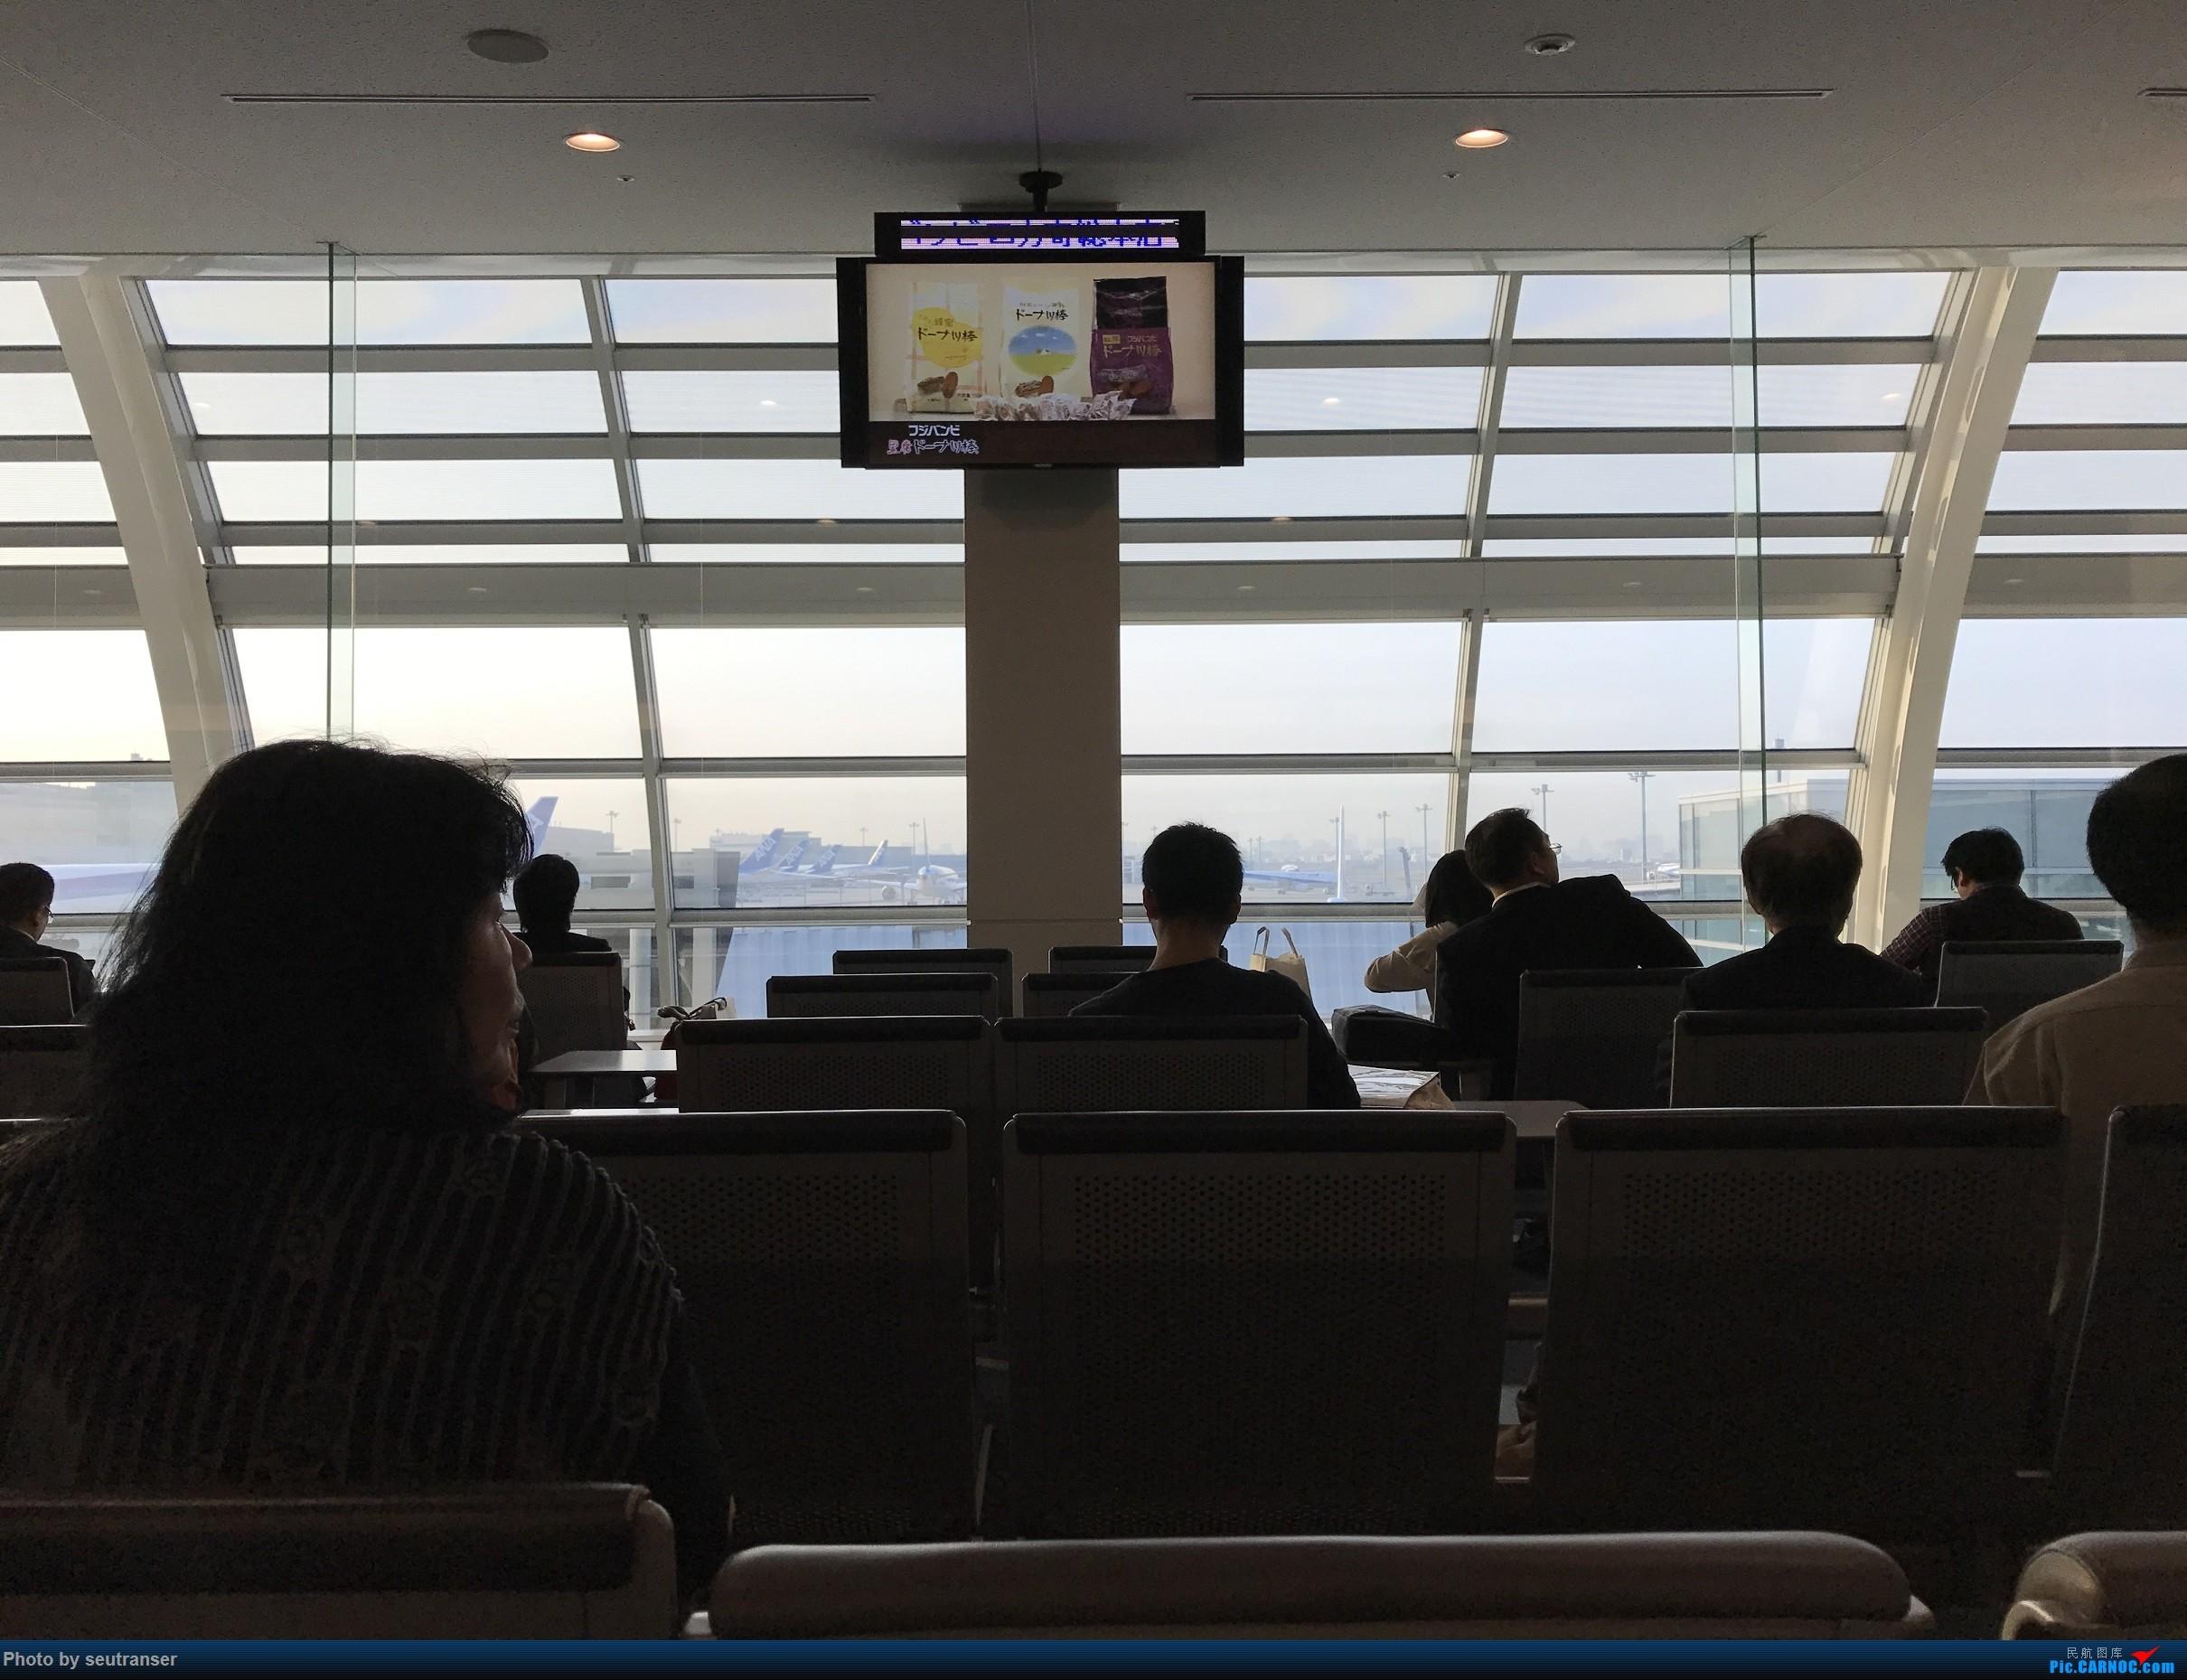 Re:[原创]迟到一年的游记,记第一次出国游 日本10天东航往返+ANA国内线+羽田机场拍机    日本东京羽田国际机场